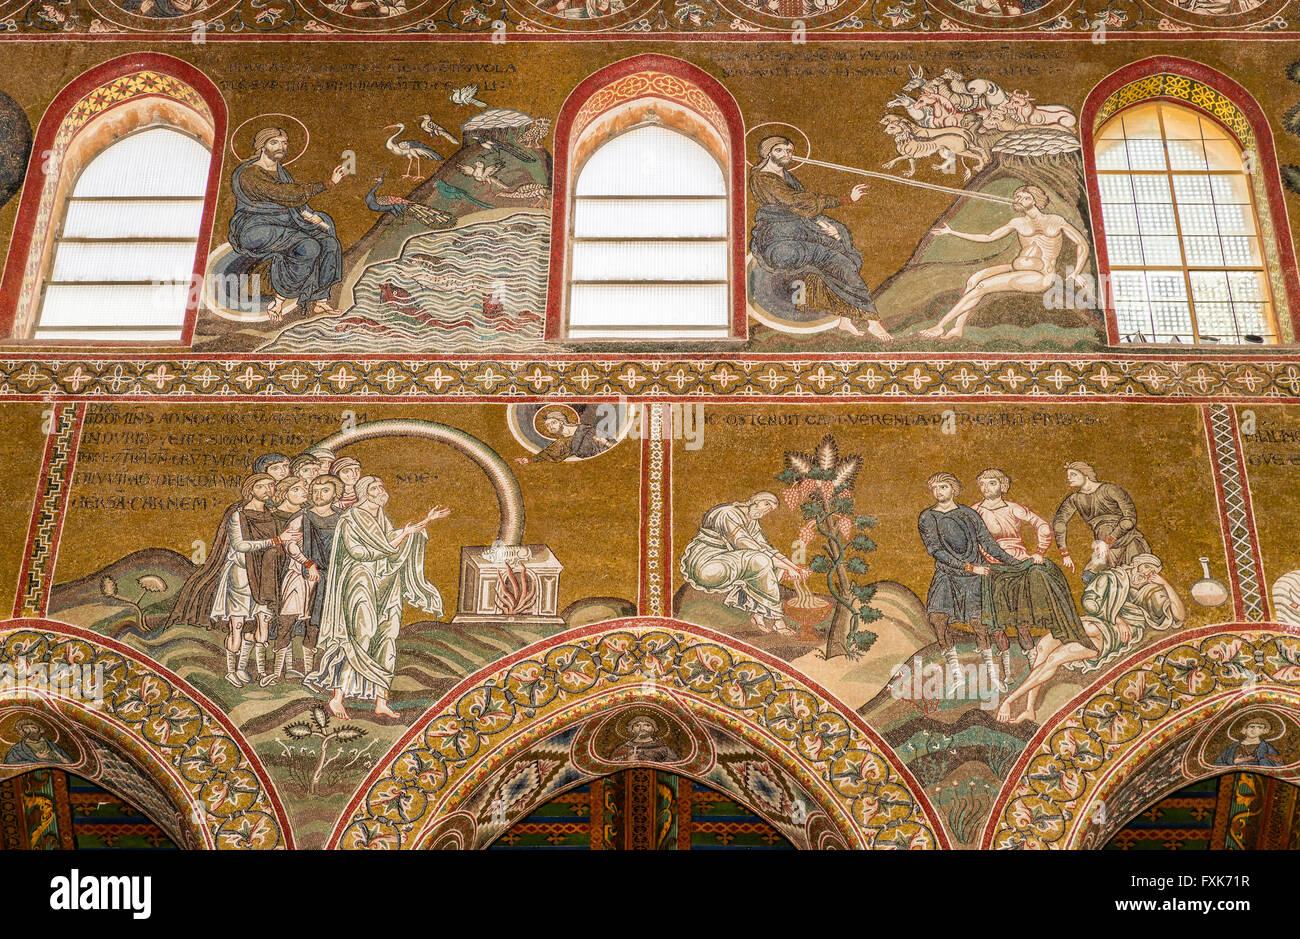 Mosaicos bizantinos, Dios crea la vida, los animales y los seres humanos, bajo el pacto de Dios con la humanidad, Imagen De Stock